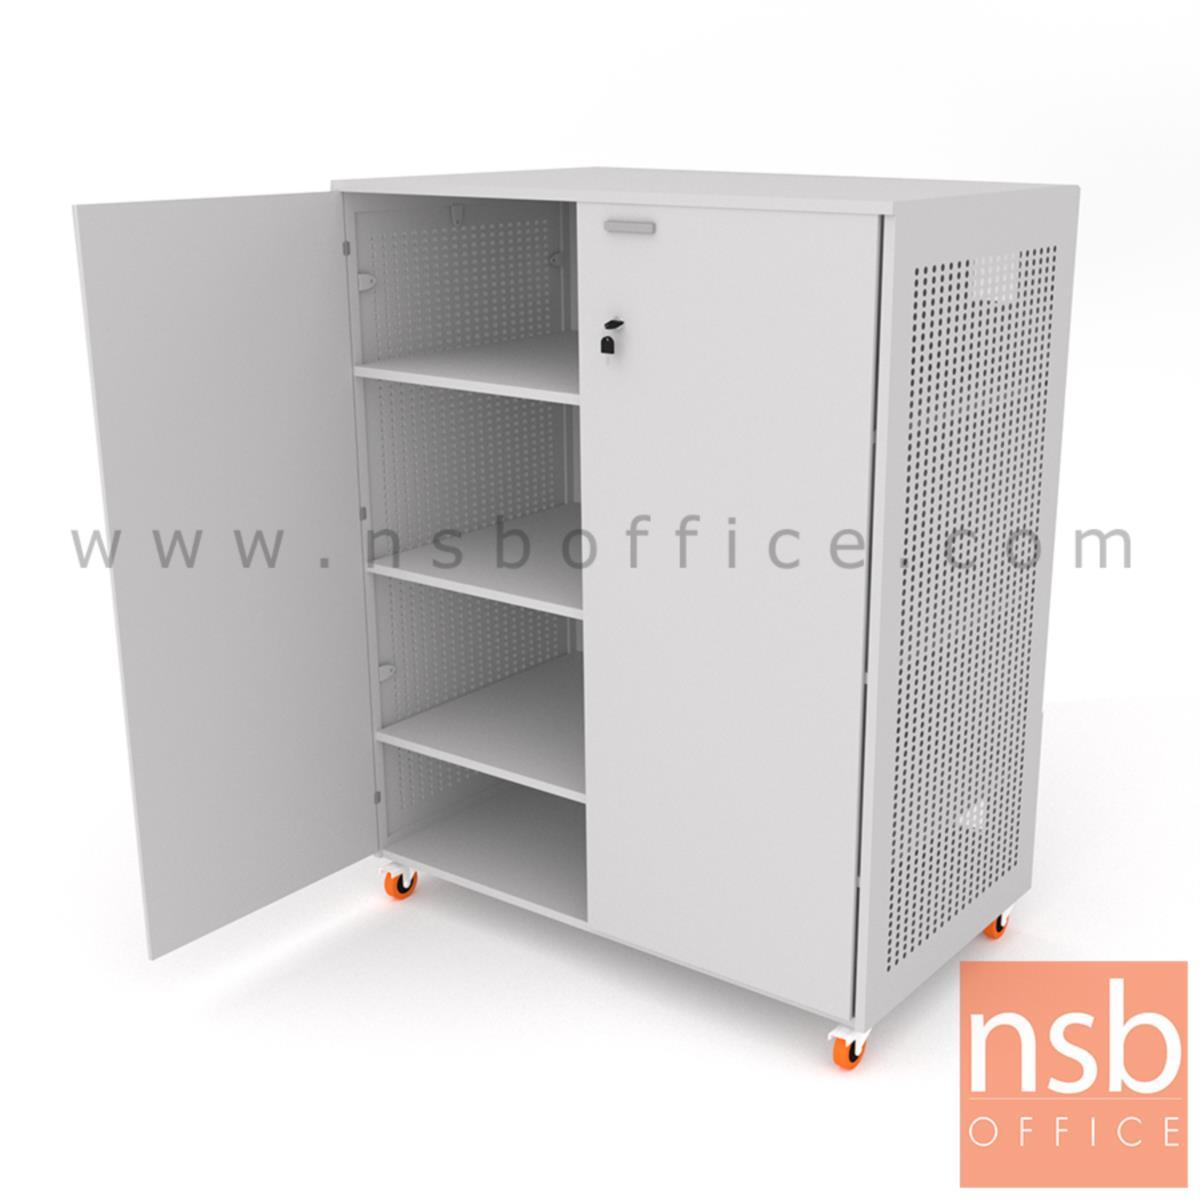 ตู้เก็บเครื่องมืออุปกรณ์ไฟฟ้าแบบเคลื่อนที่ได้  รุ่น NSB-2013 ขนาด 120W*150H cm. ลูกล้อพียู (รับผลิตนอกแบบ)